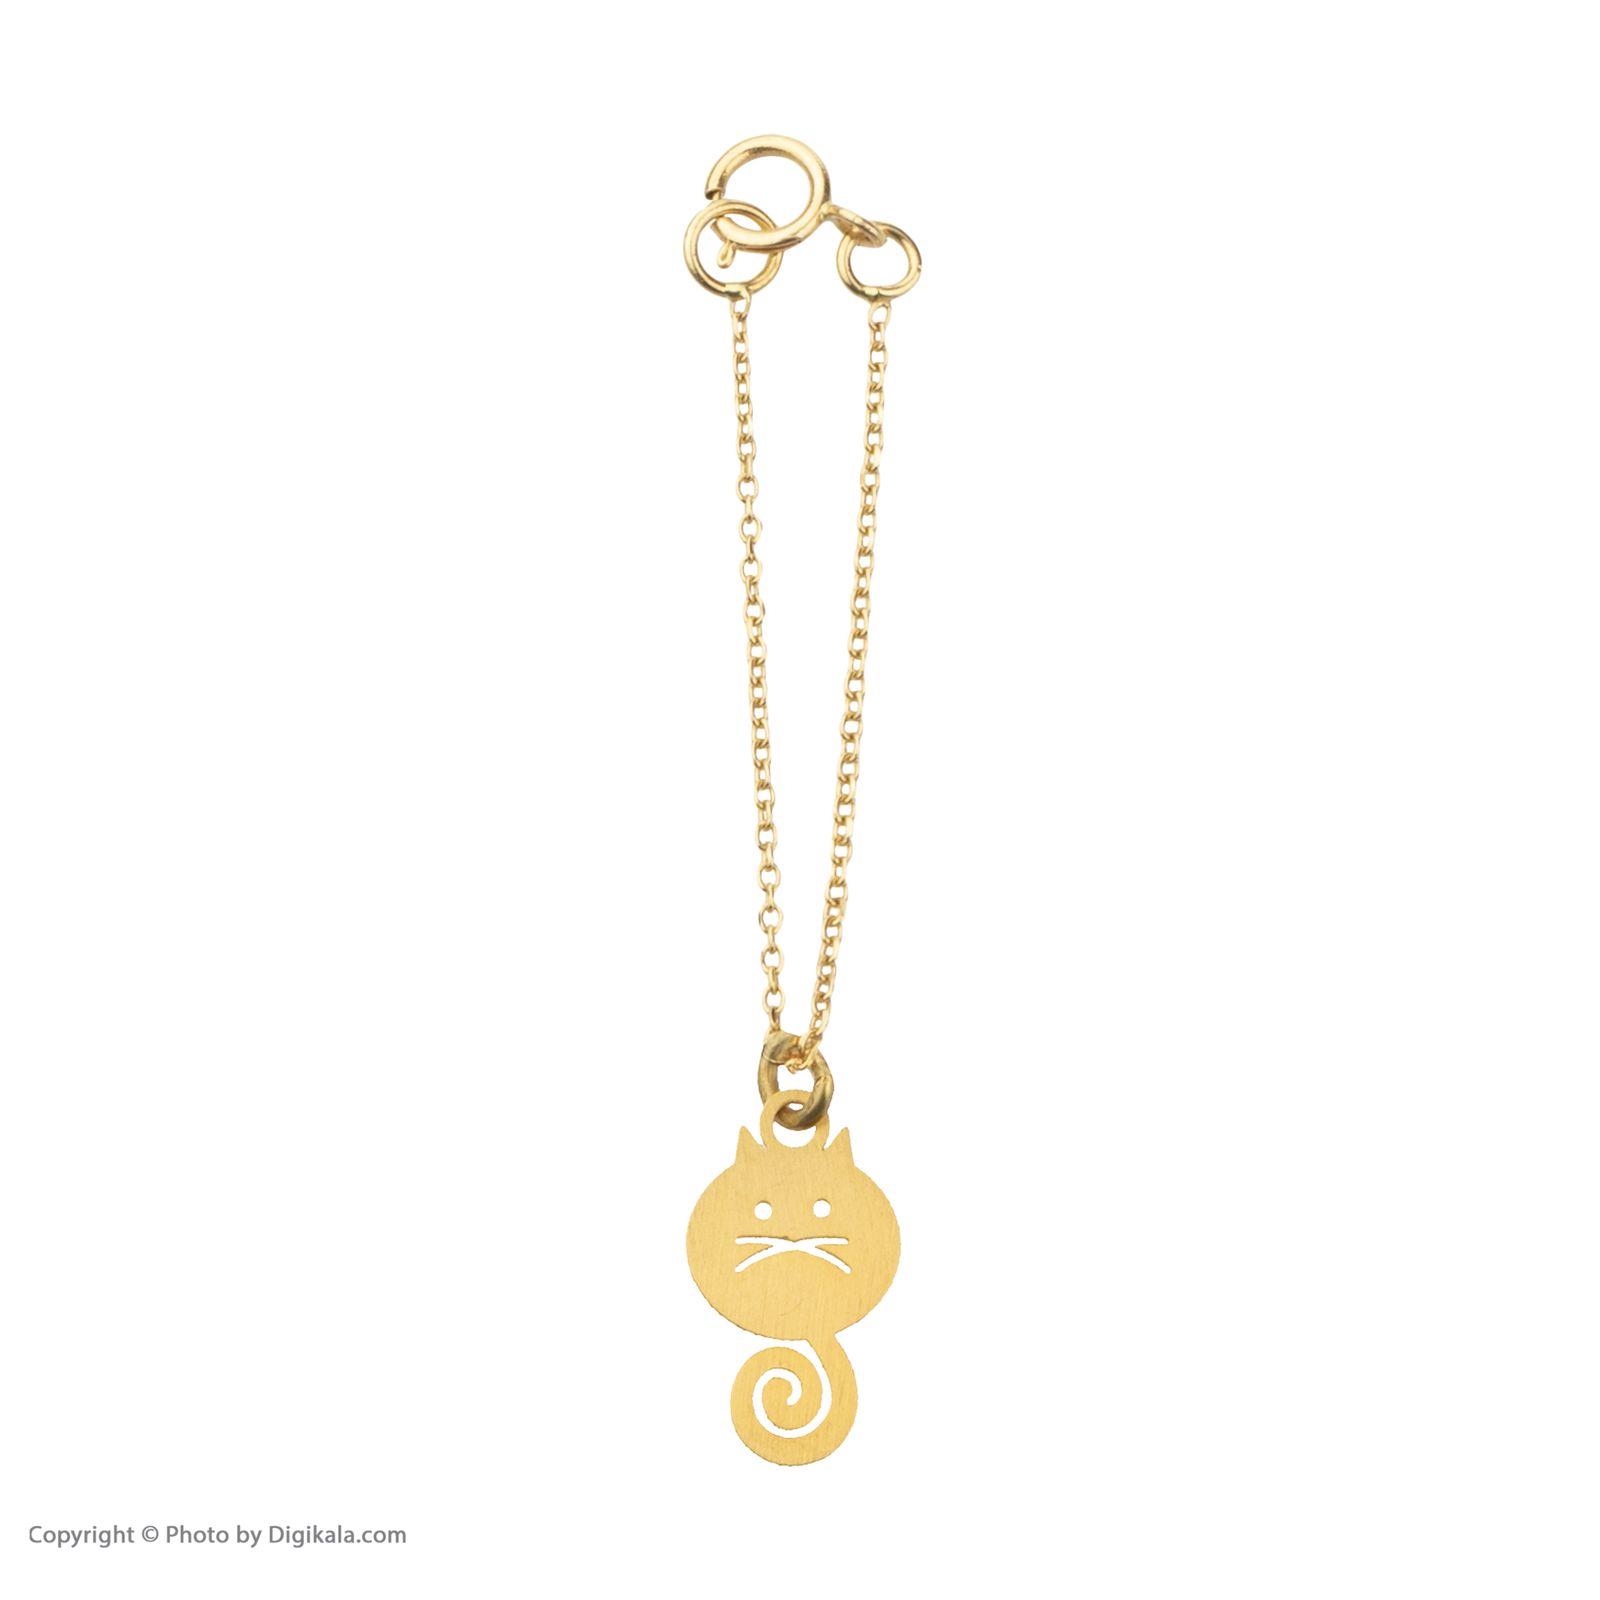 آویز ساعت طلا 18 عیار زنانه میو گلد مدل GD615 -  - 3